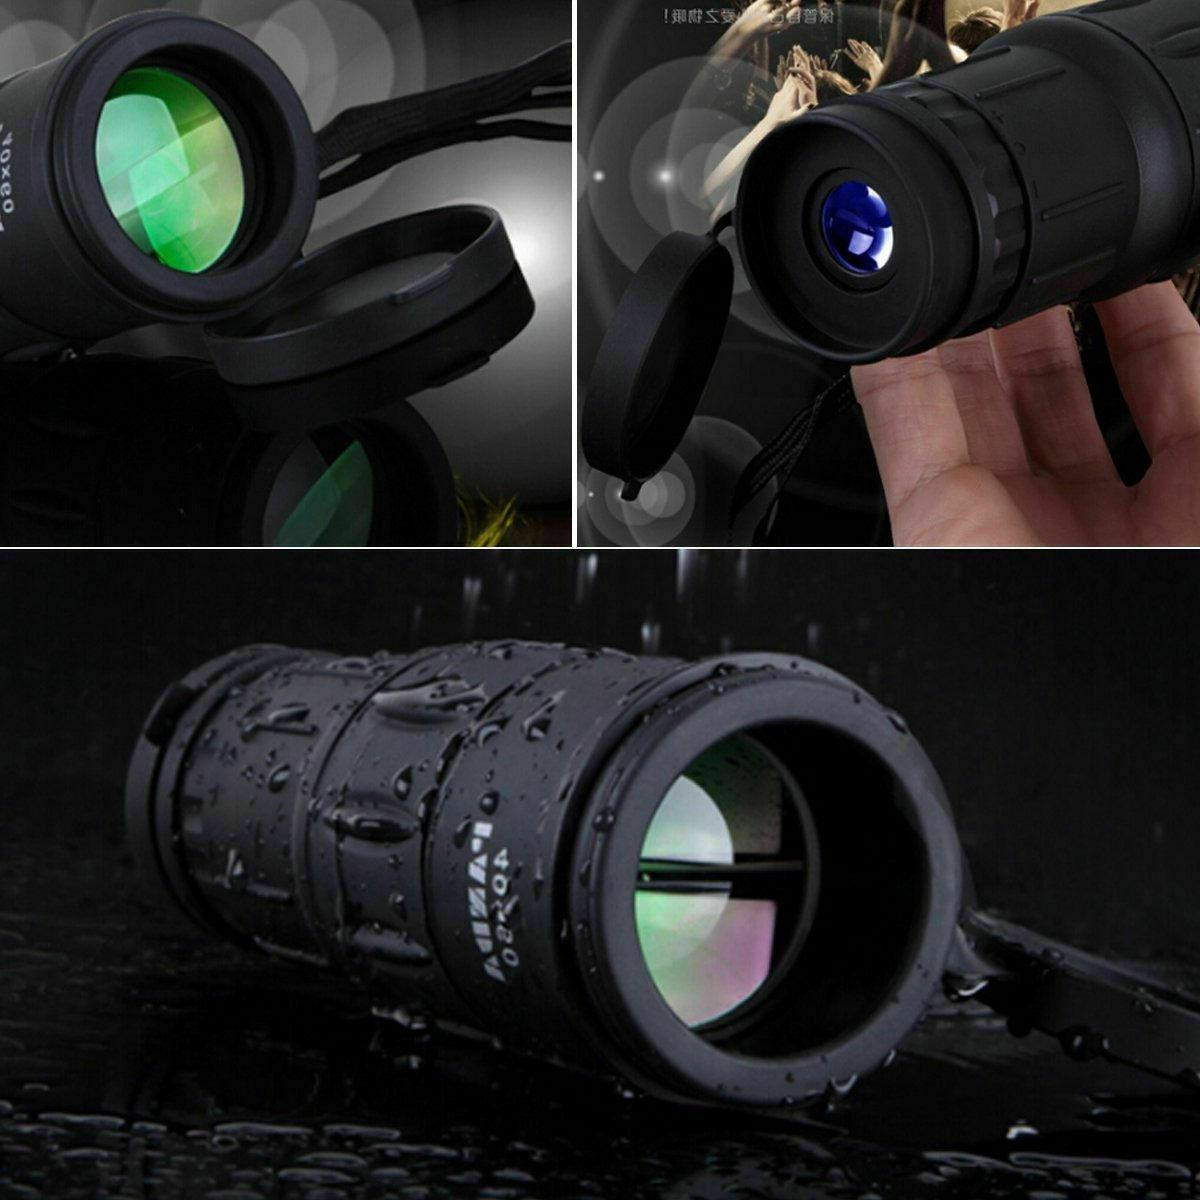 40x60 focus zoom outdoor waterproof handheld hd